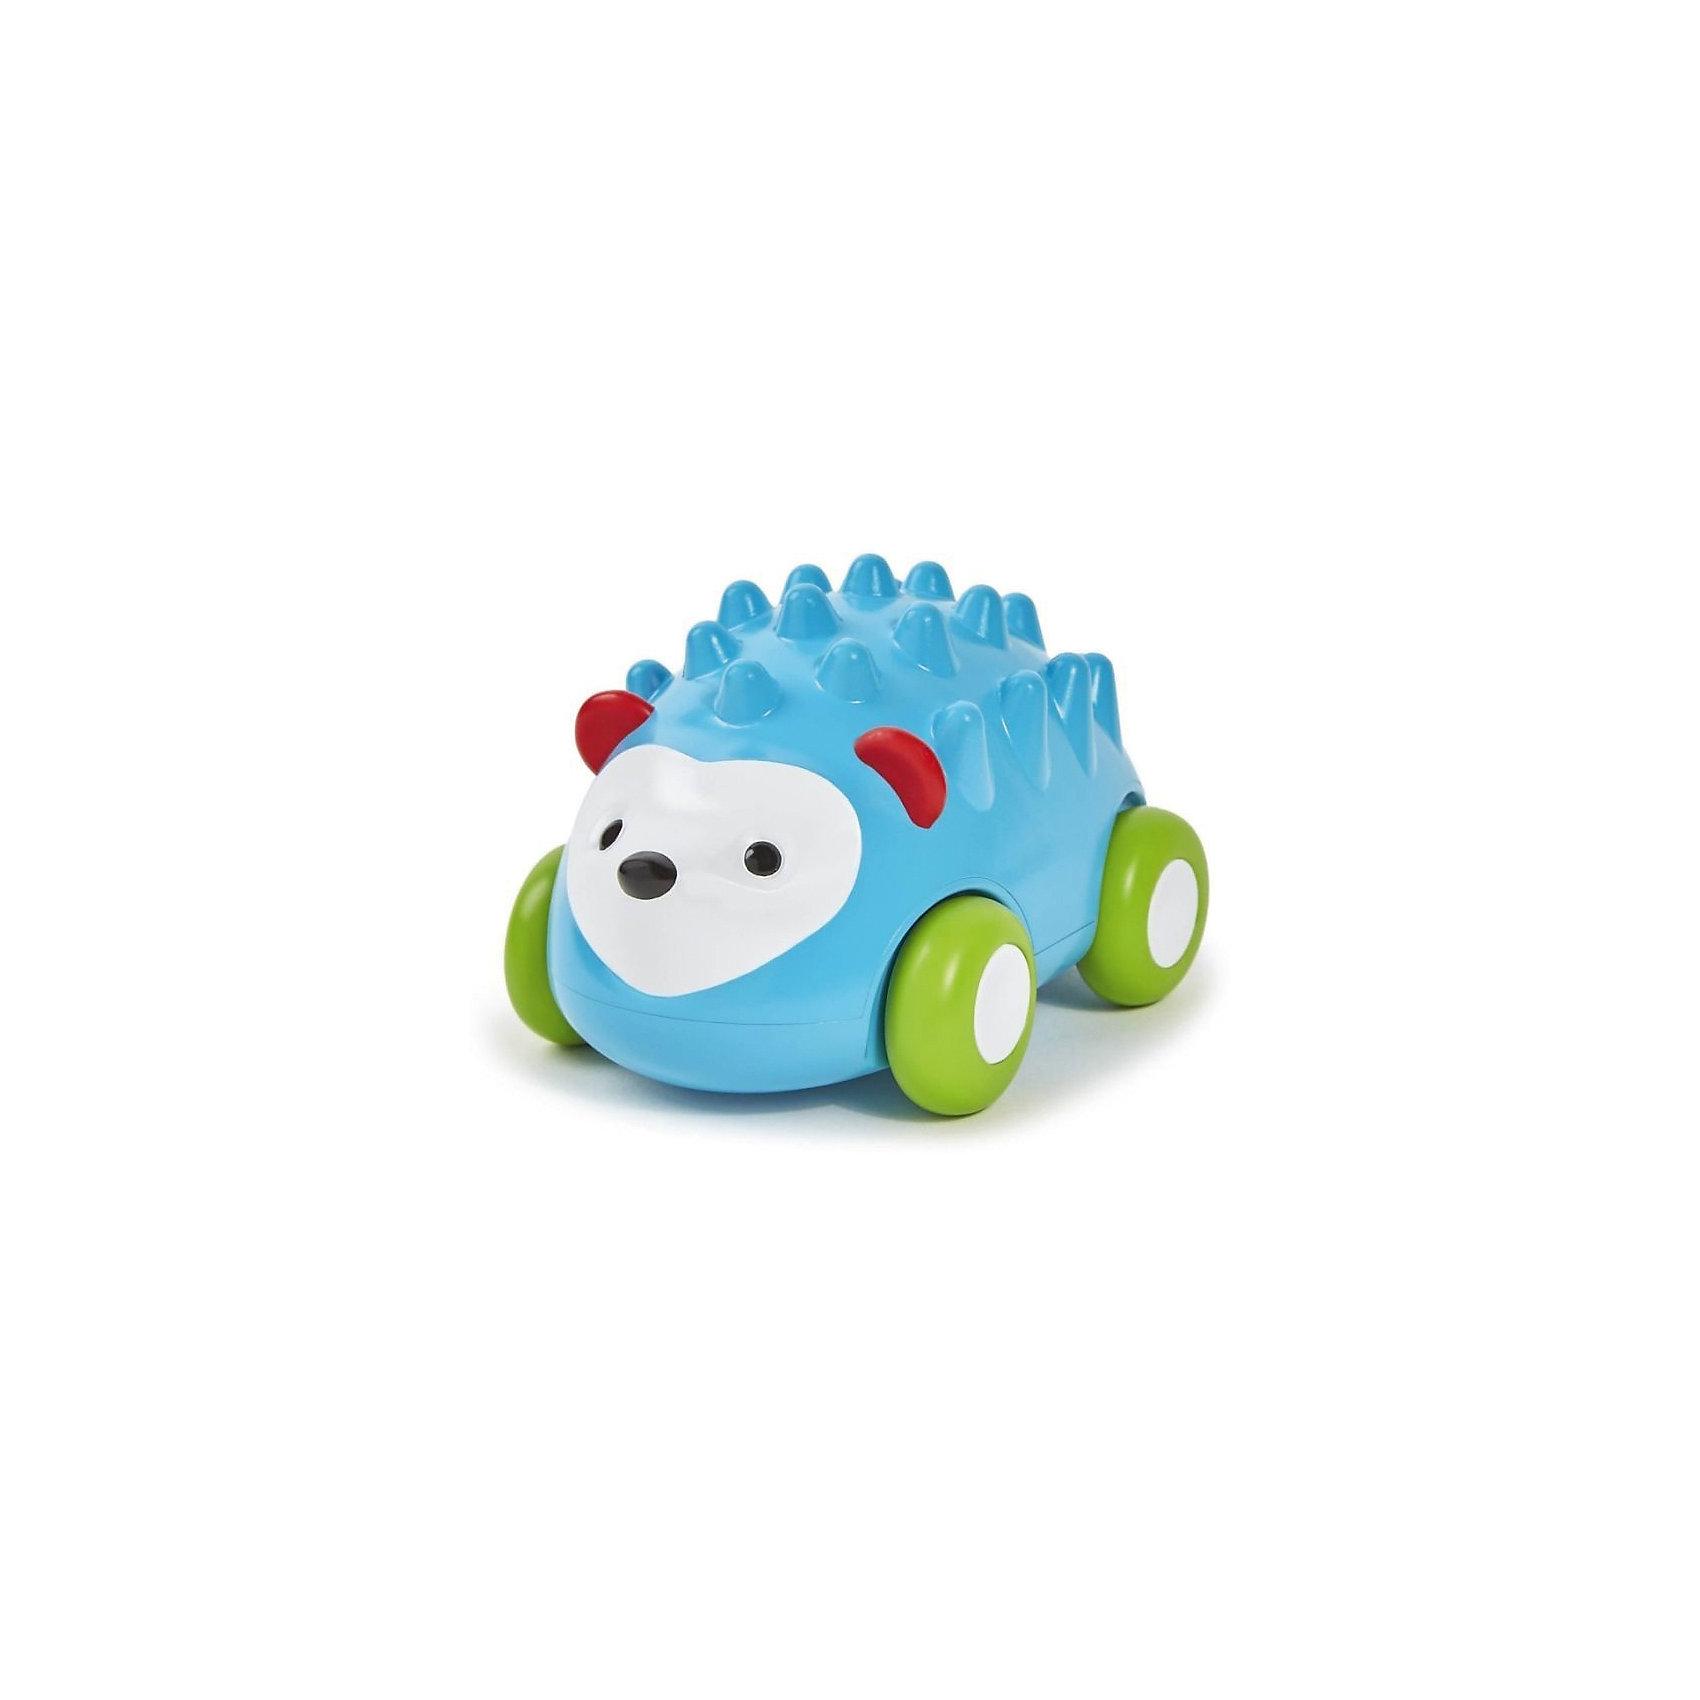 Развивающая игрушка Ежик-машинка, Skip HopРазвивающие игрушки<br><br><br>Ширина мм: 99<br>Глубина мм: 99<br>Высота мм: 99<br>Вес г: 99<br>Возраст от месяцев: -2147483648<br>Возраст до месяцев: 2147483647<br>Пол: Унисекс<br>Возраст: Детский<br>SKU: 4769515